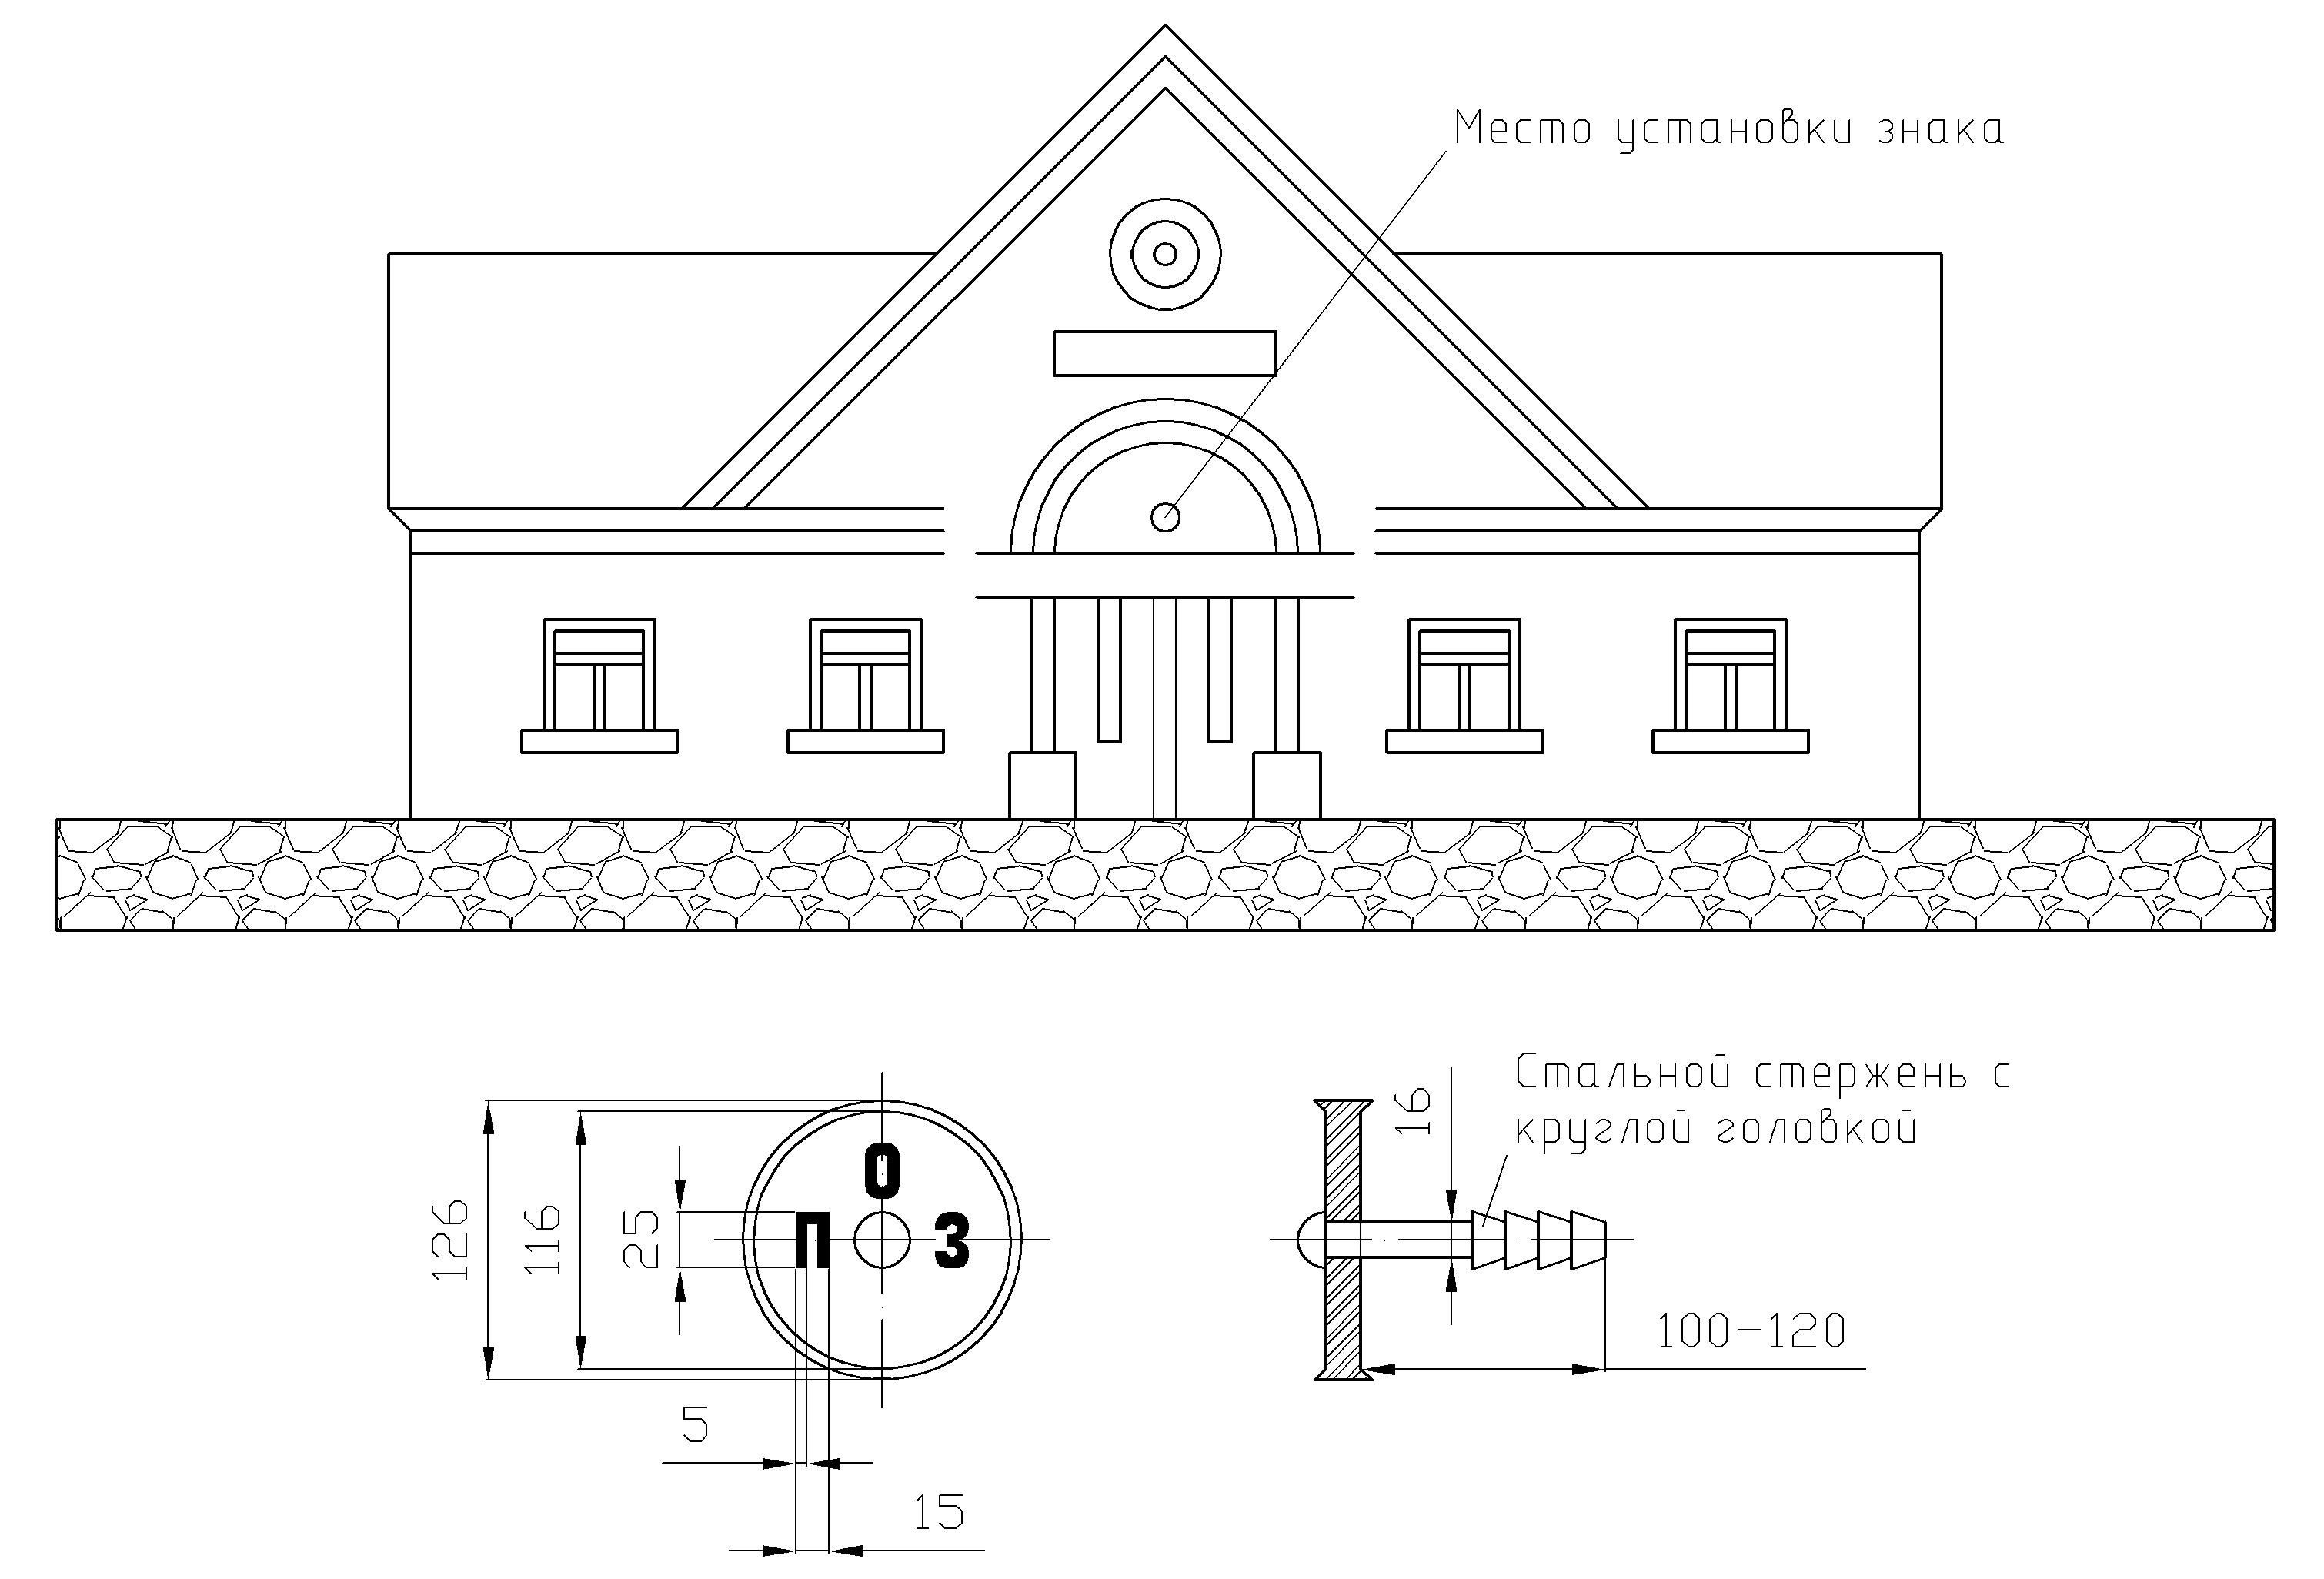 Рисунок 52. Путевой особый знак оси пассажирского здания